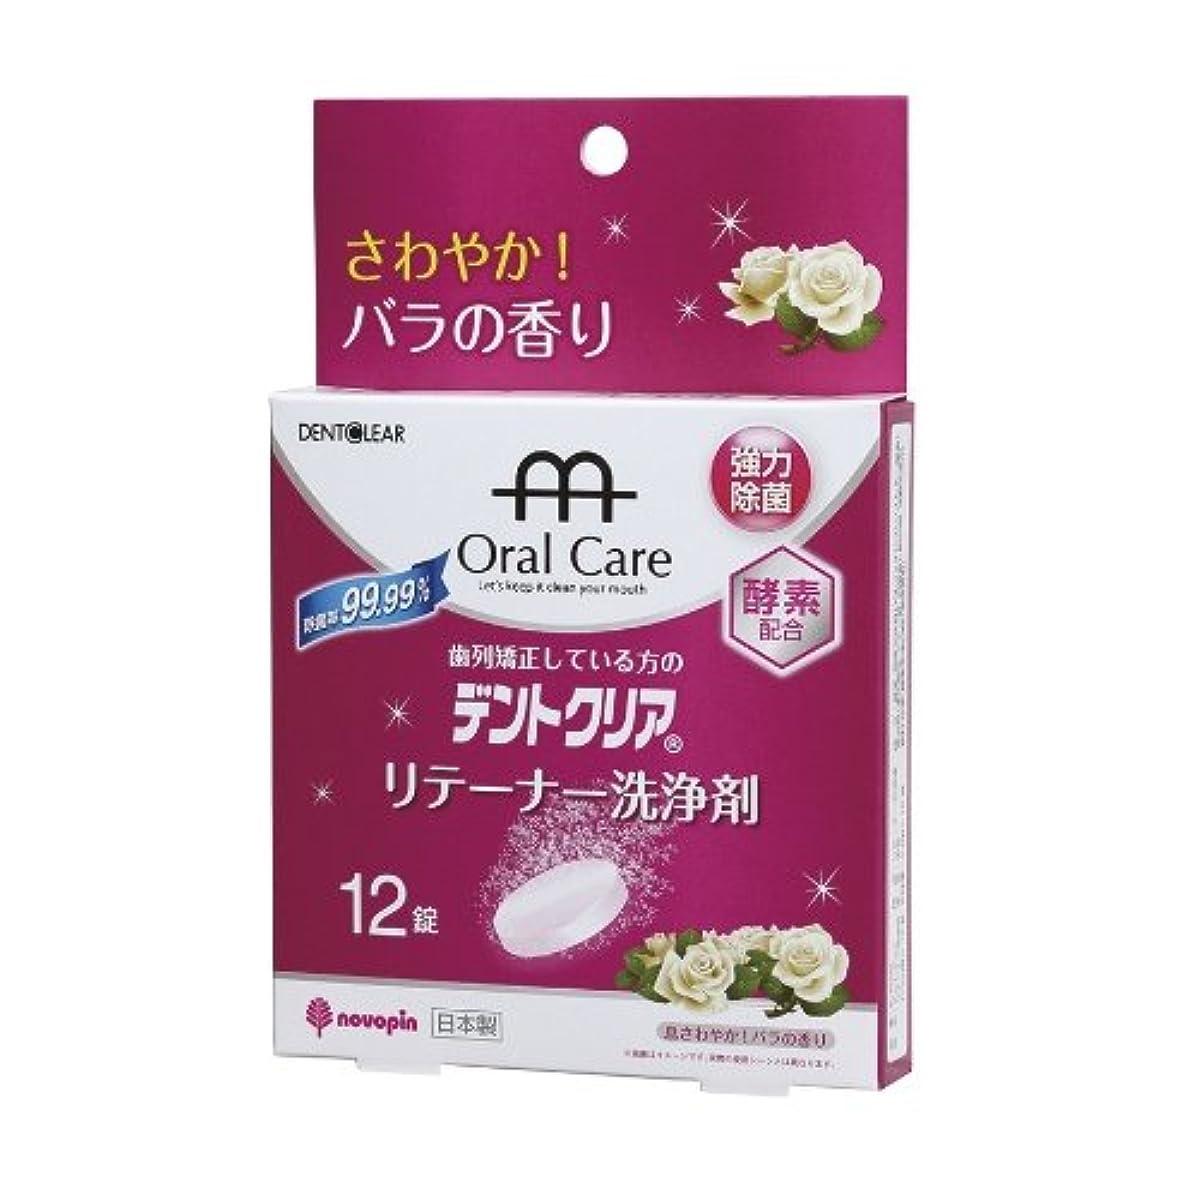 熱心な風味十代紀陽除虫菊 歯列矯正している方のデントクリア リテーナー 洗浄剤 バラの香り 12錠